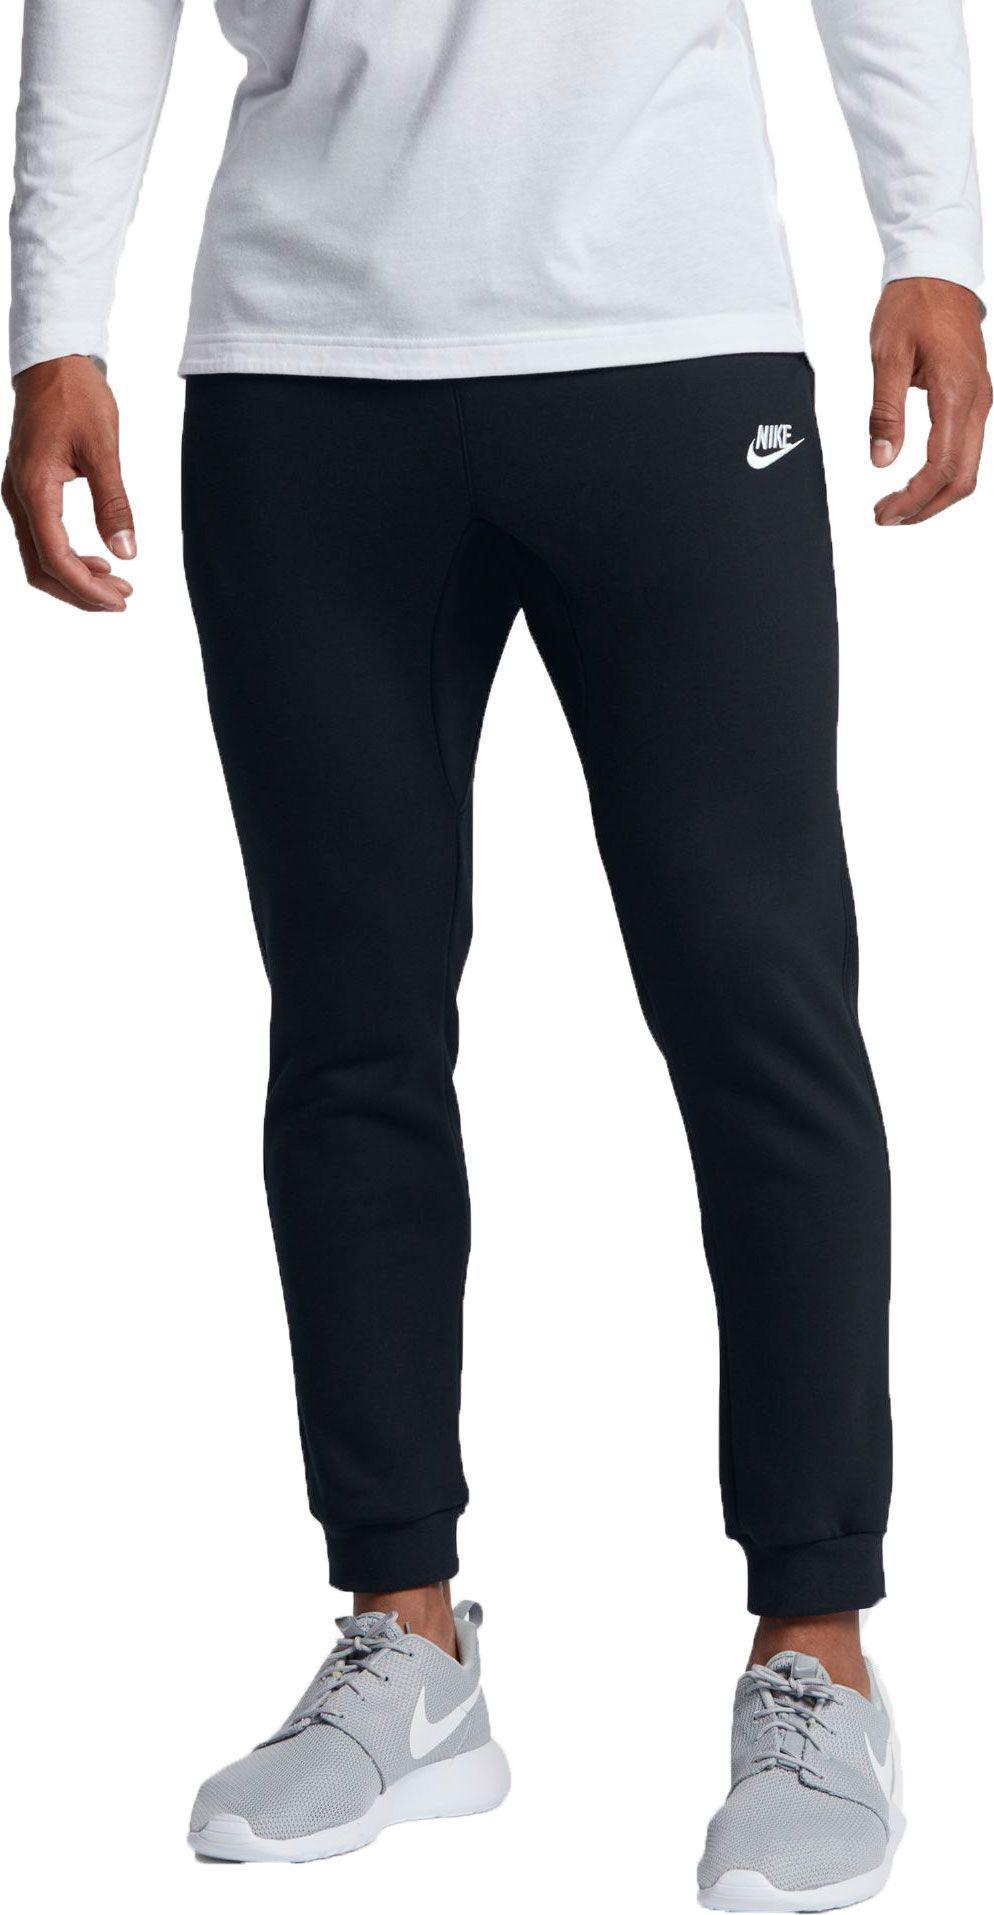 1c06fa14df94 Lyst - Nike Sportswear Club Fleece Joggers in Black for Men